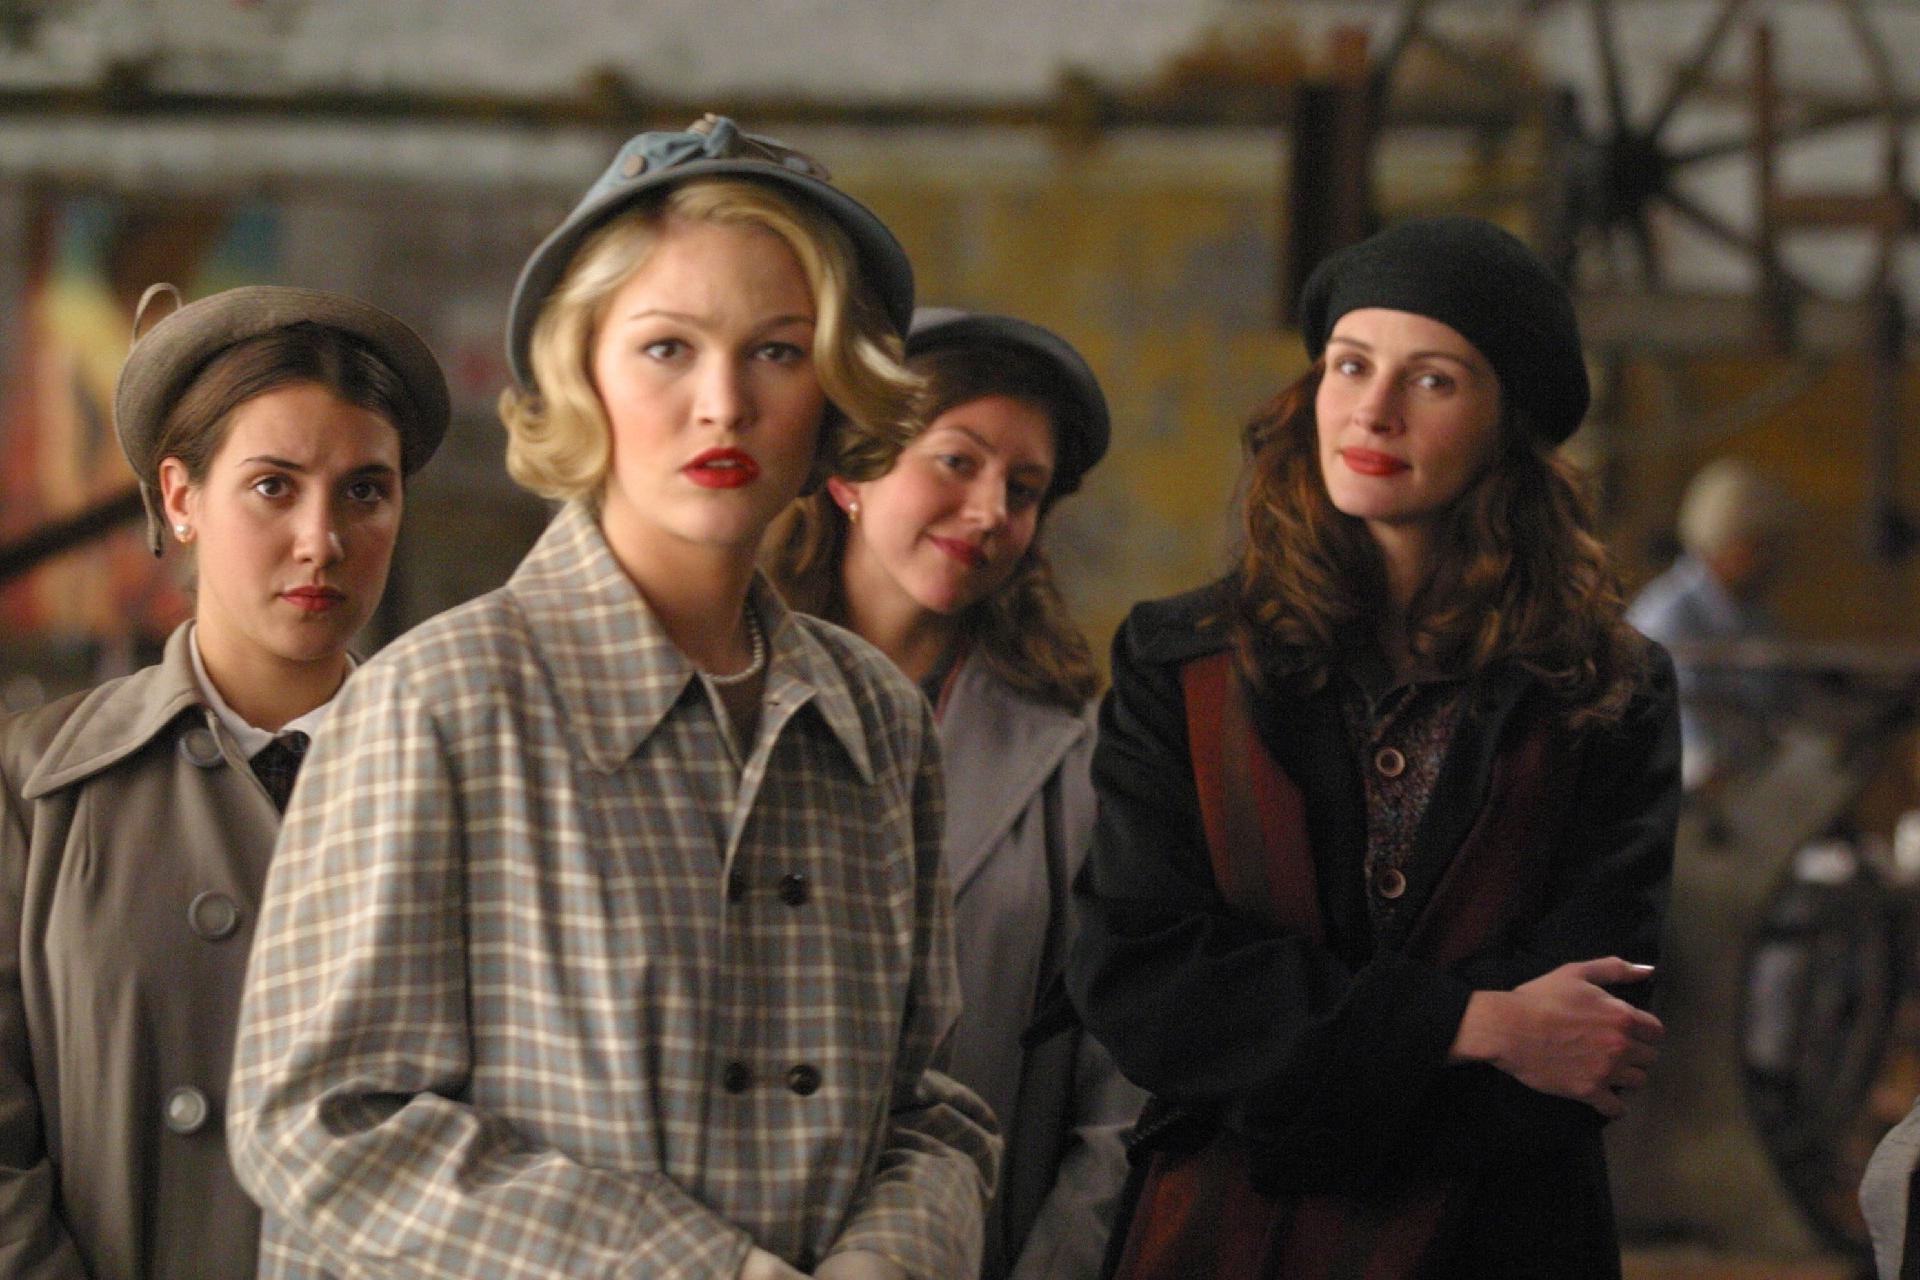 Улыбка Моны Лизы | 10 фильмов про вдохновляющих женщин | Her Beauty